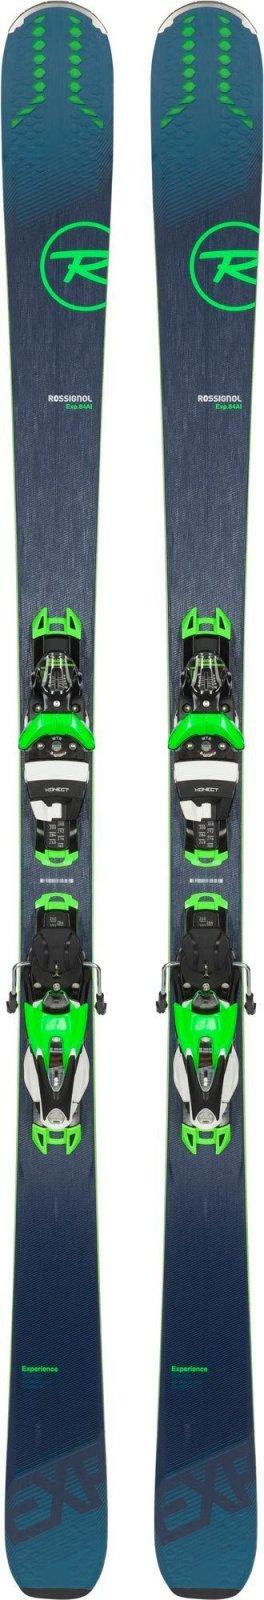 Rossignol Experience 84 Ai Skis + Look NX 12 Konect GW Bindings 2020